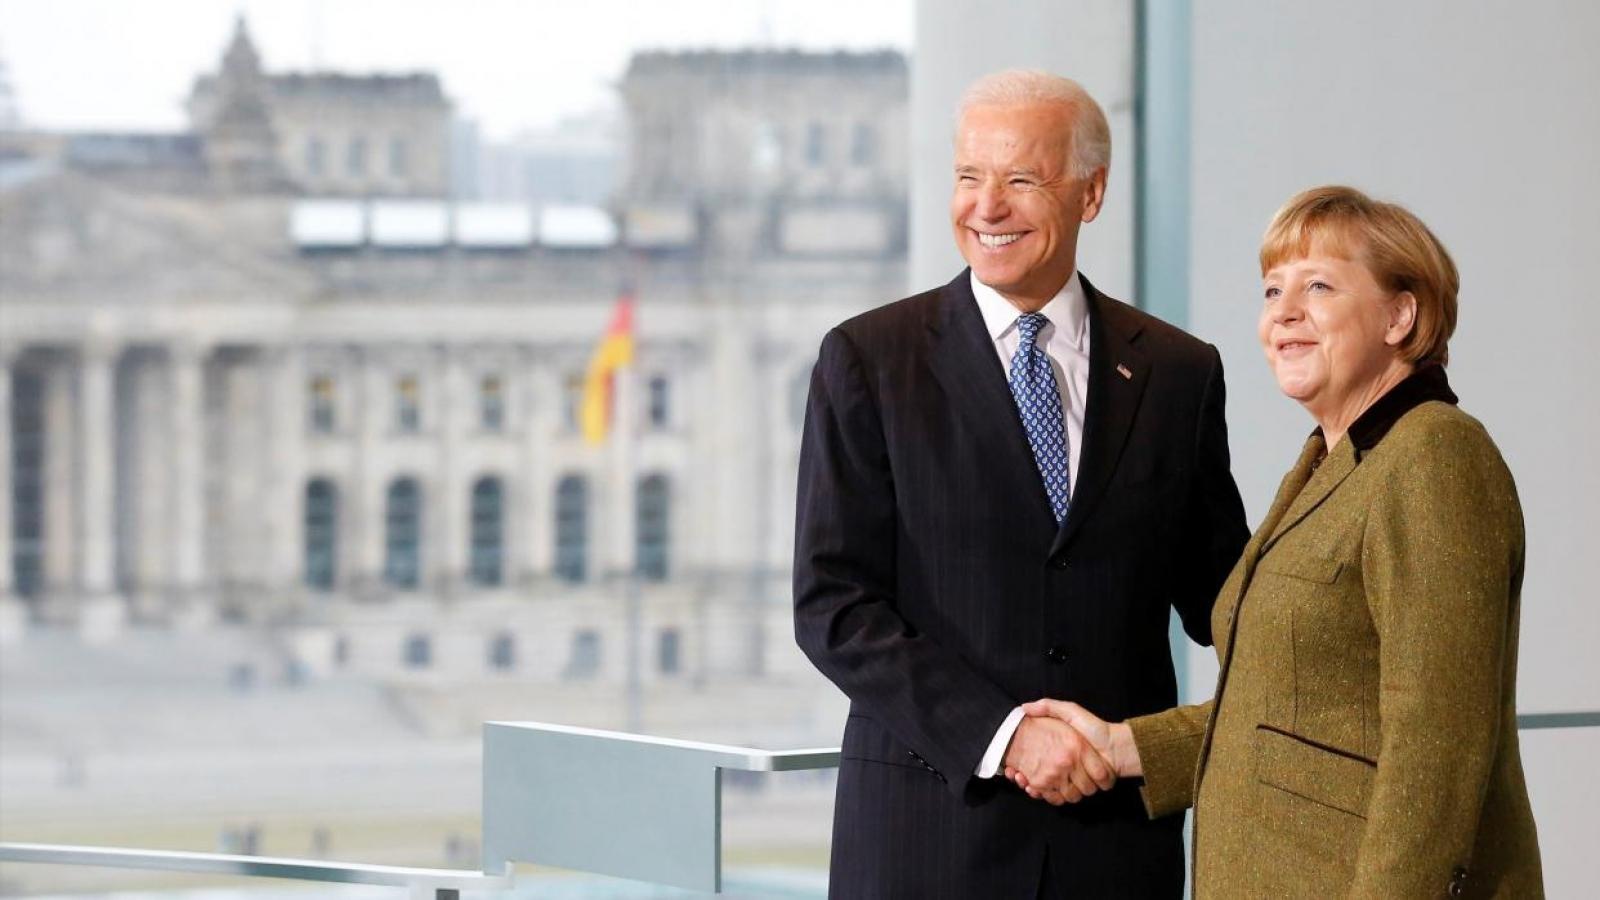 Mỹ và Đức tăng cường hợp tác trong nhiều lĩnh vực